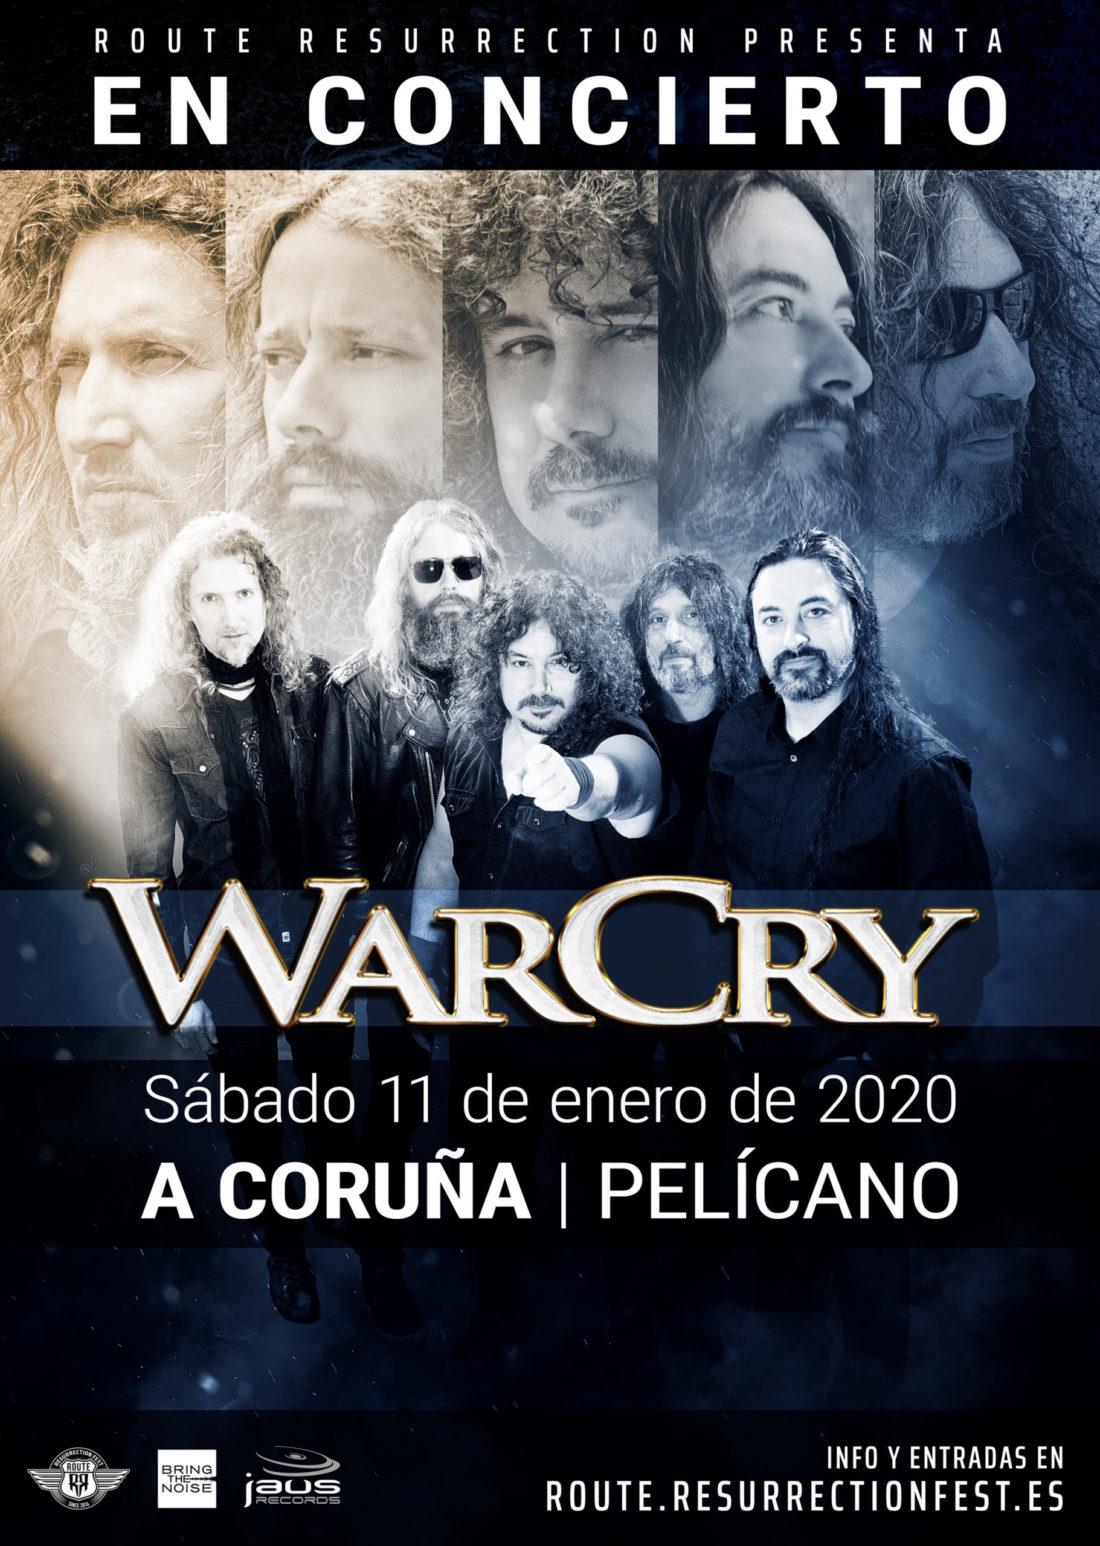 WarCry cerrará su gira «Donde el silencio se rompió» en A Coruña